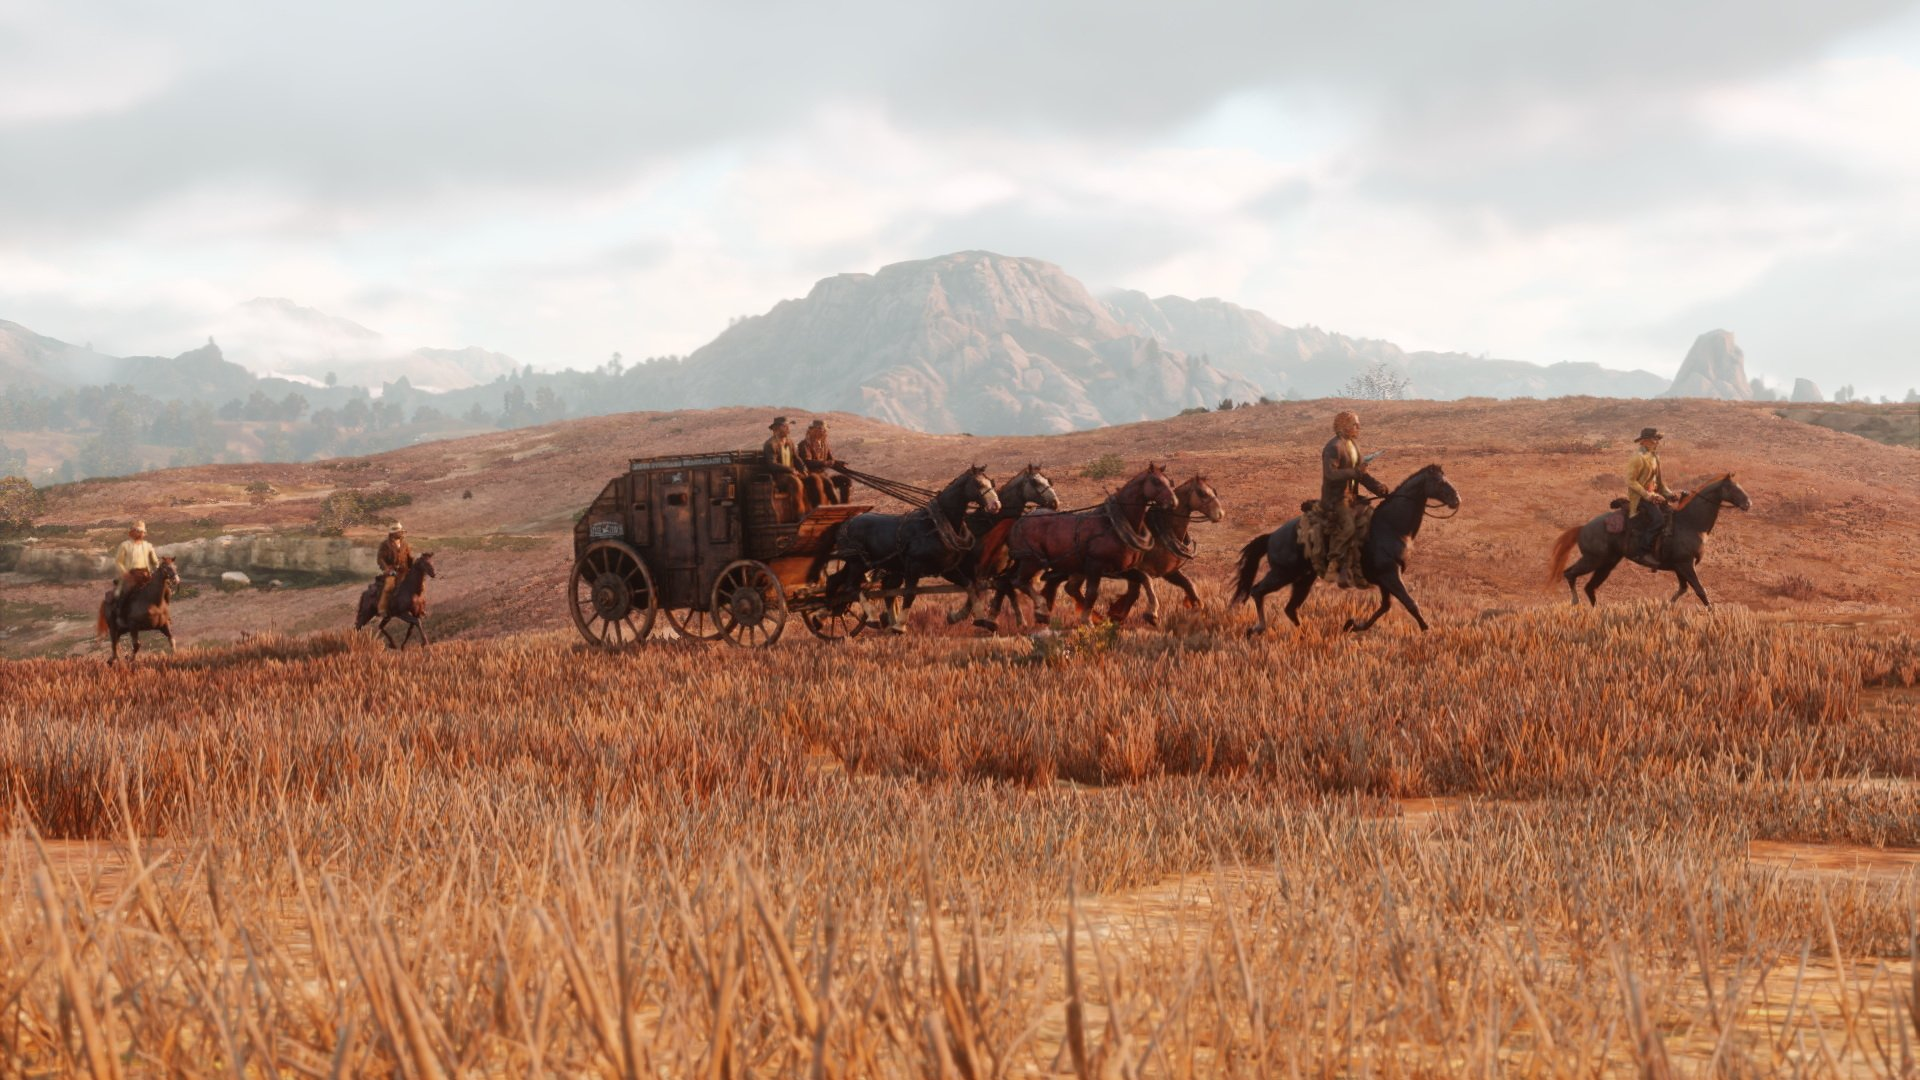 Последнее обновление для ПК Red Dead Redemption 2 устраняет утечки памяти, сбои и проблемы, связанные с AMD